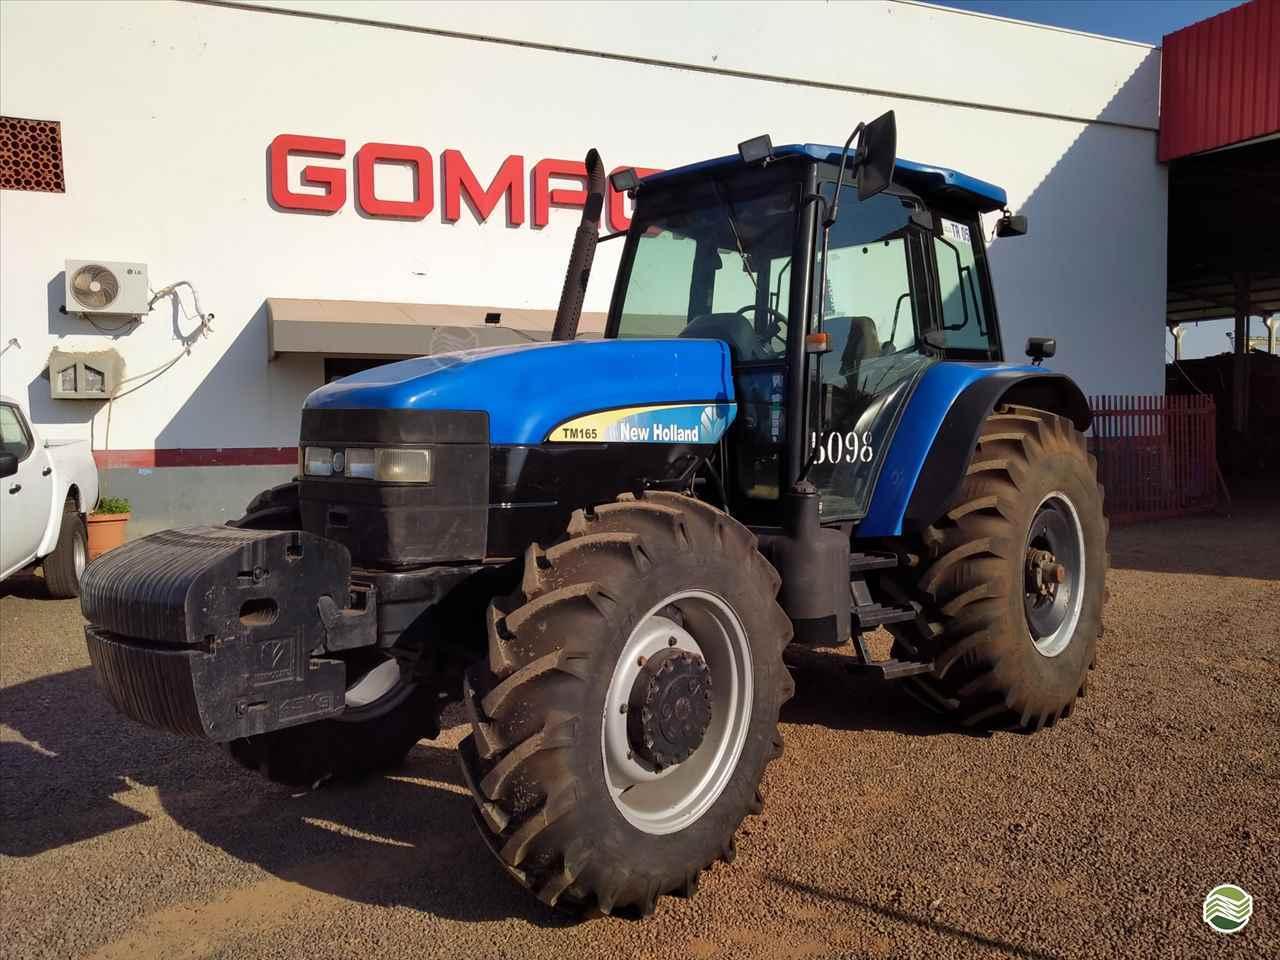 TRATOR NEW HOLLAND NEW TM 165 Tração 4x4 Gomagril Máquinas Agrícolas TANGARA DA SERRA MATO GROSSO MT